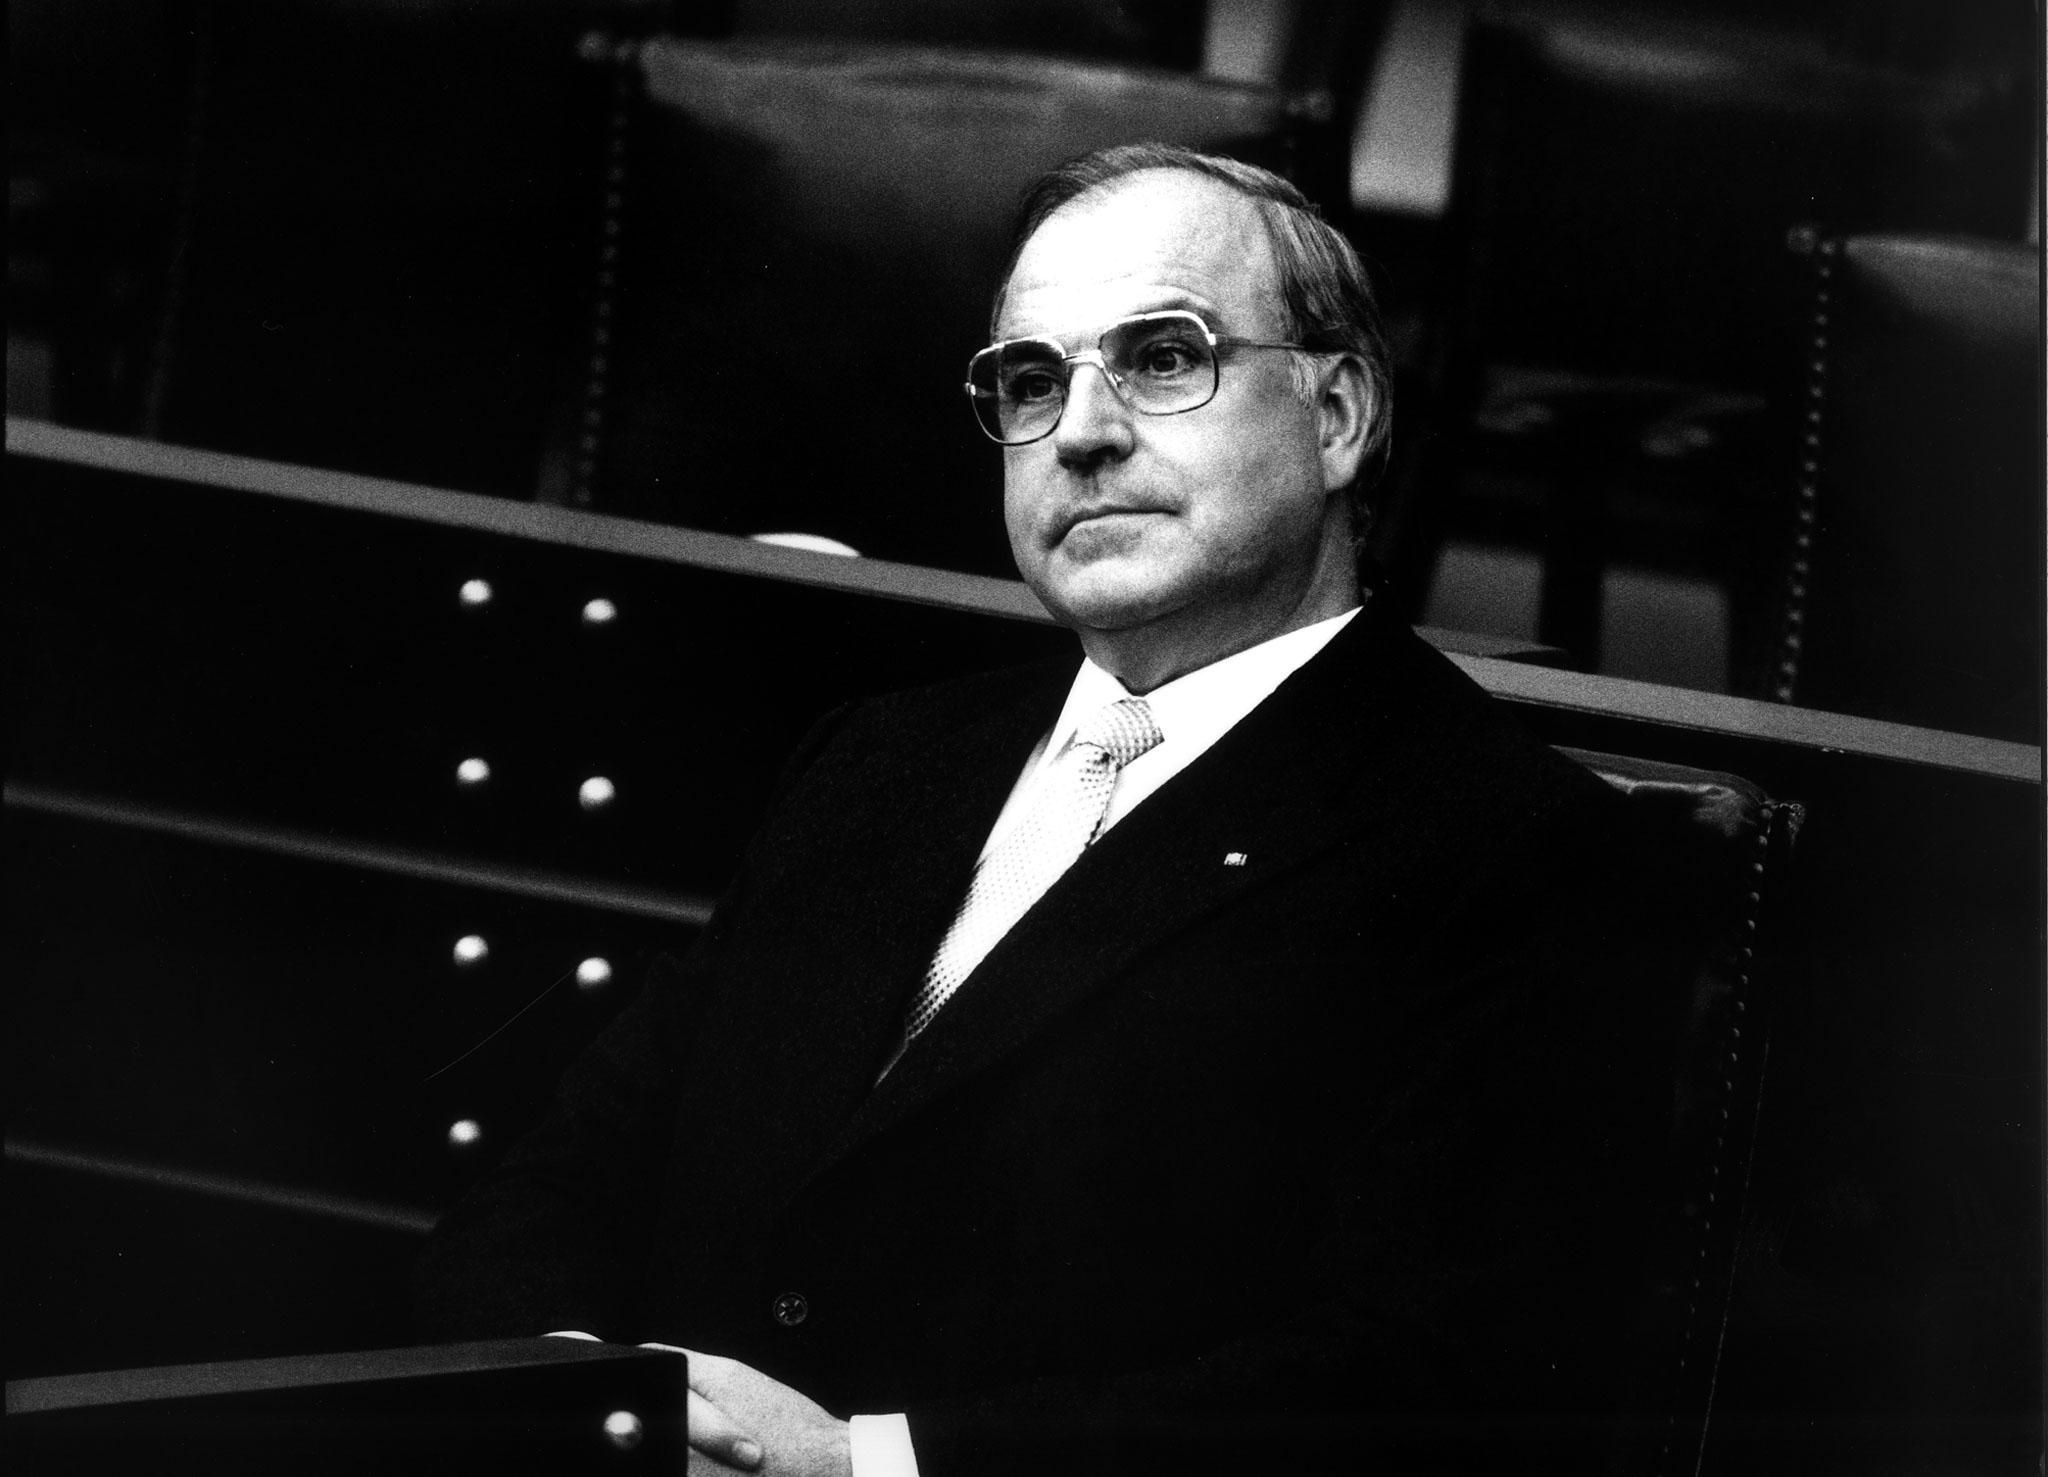 Helmut Kohl após ter sido eleito chanceler da Alemanha, em 1982